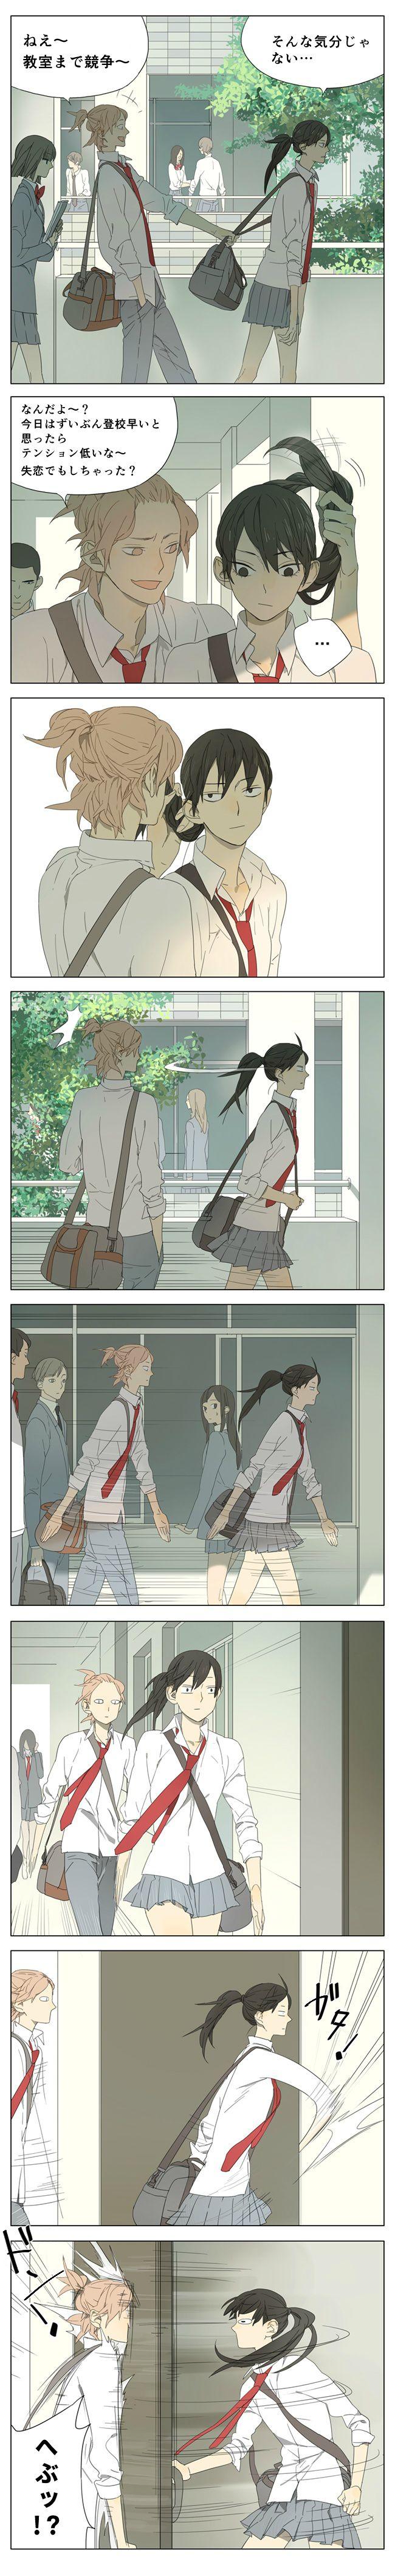 她们的故事/坛九/their story/tanjiu/彼女たちの物語/日本語に訳してみた/七話②